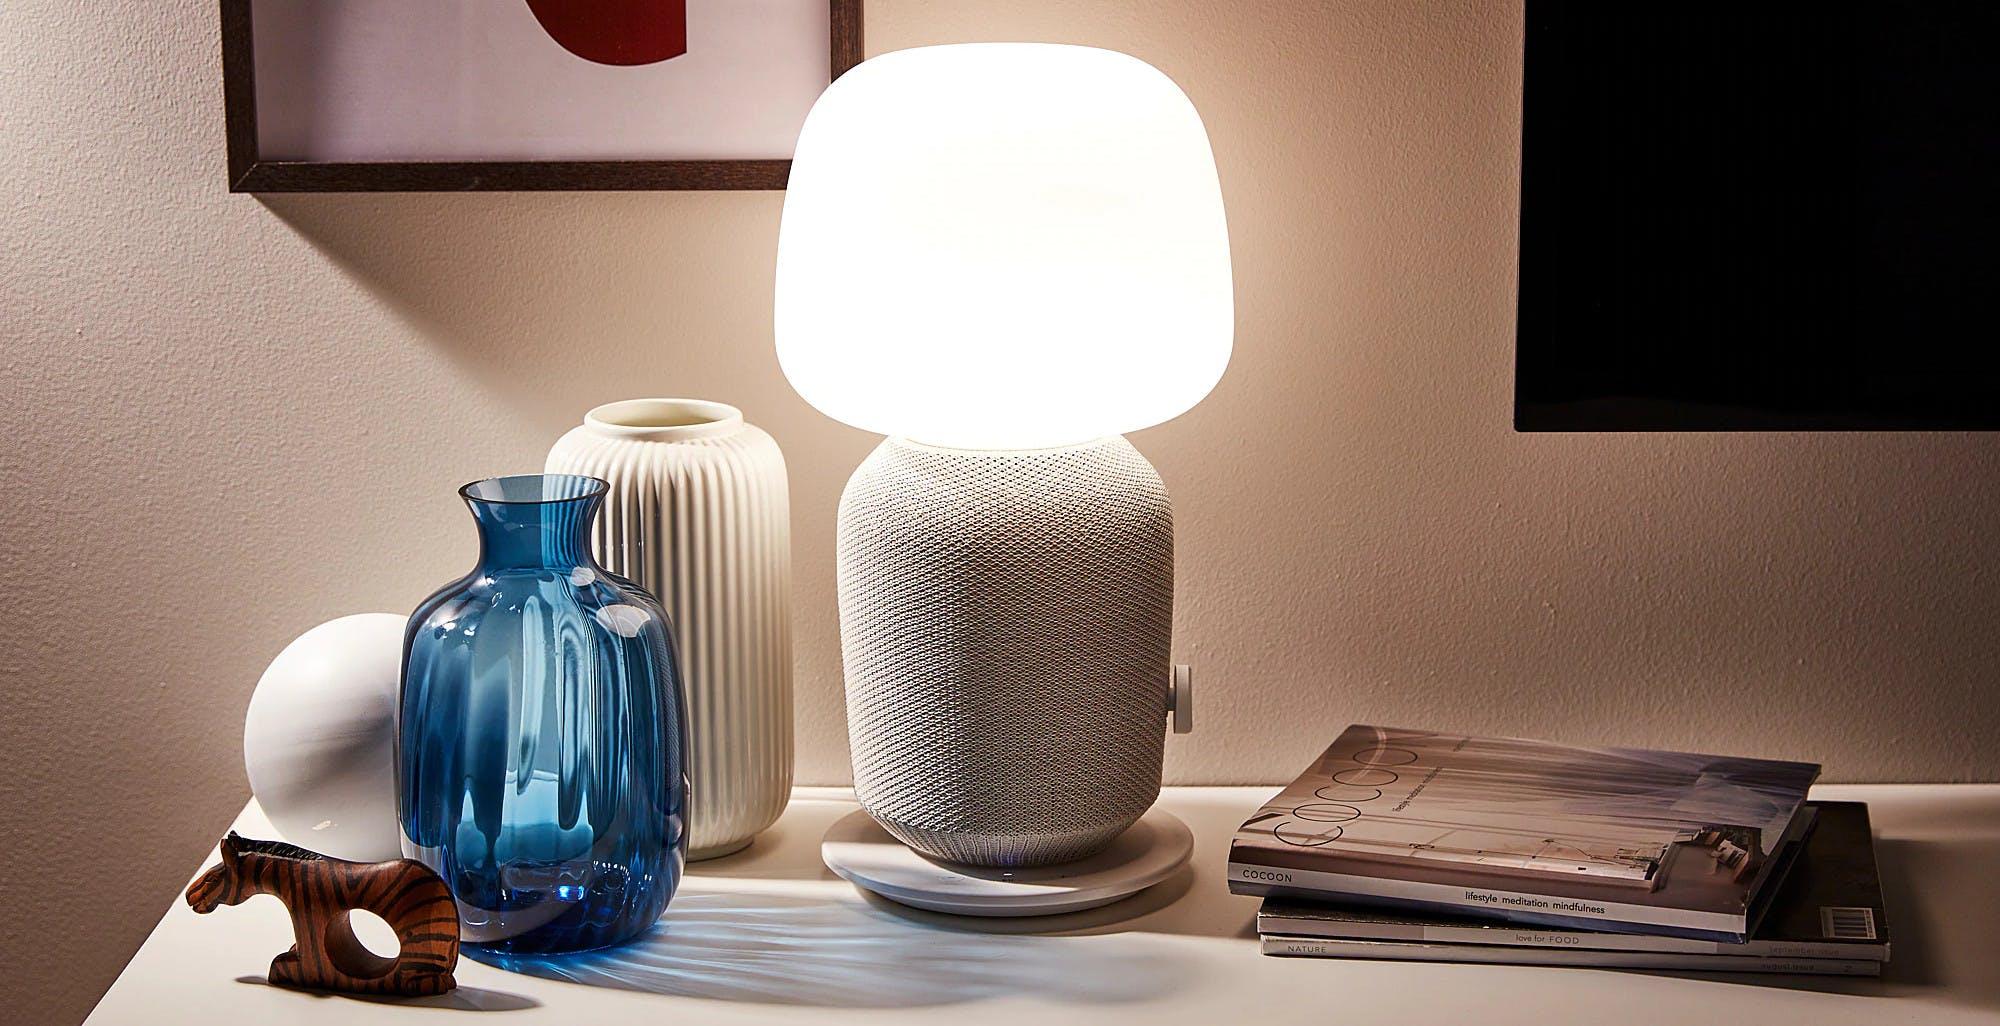 IKEA e Sonos rinnovano la lampada con altoparlante Symfonisk. In arrivo anche dei quadri con altoparlanti